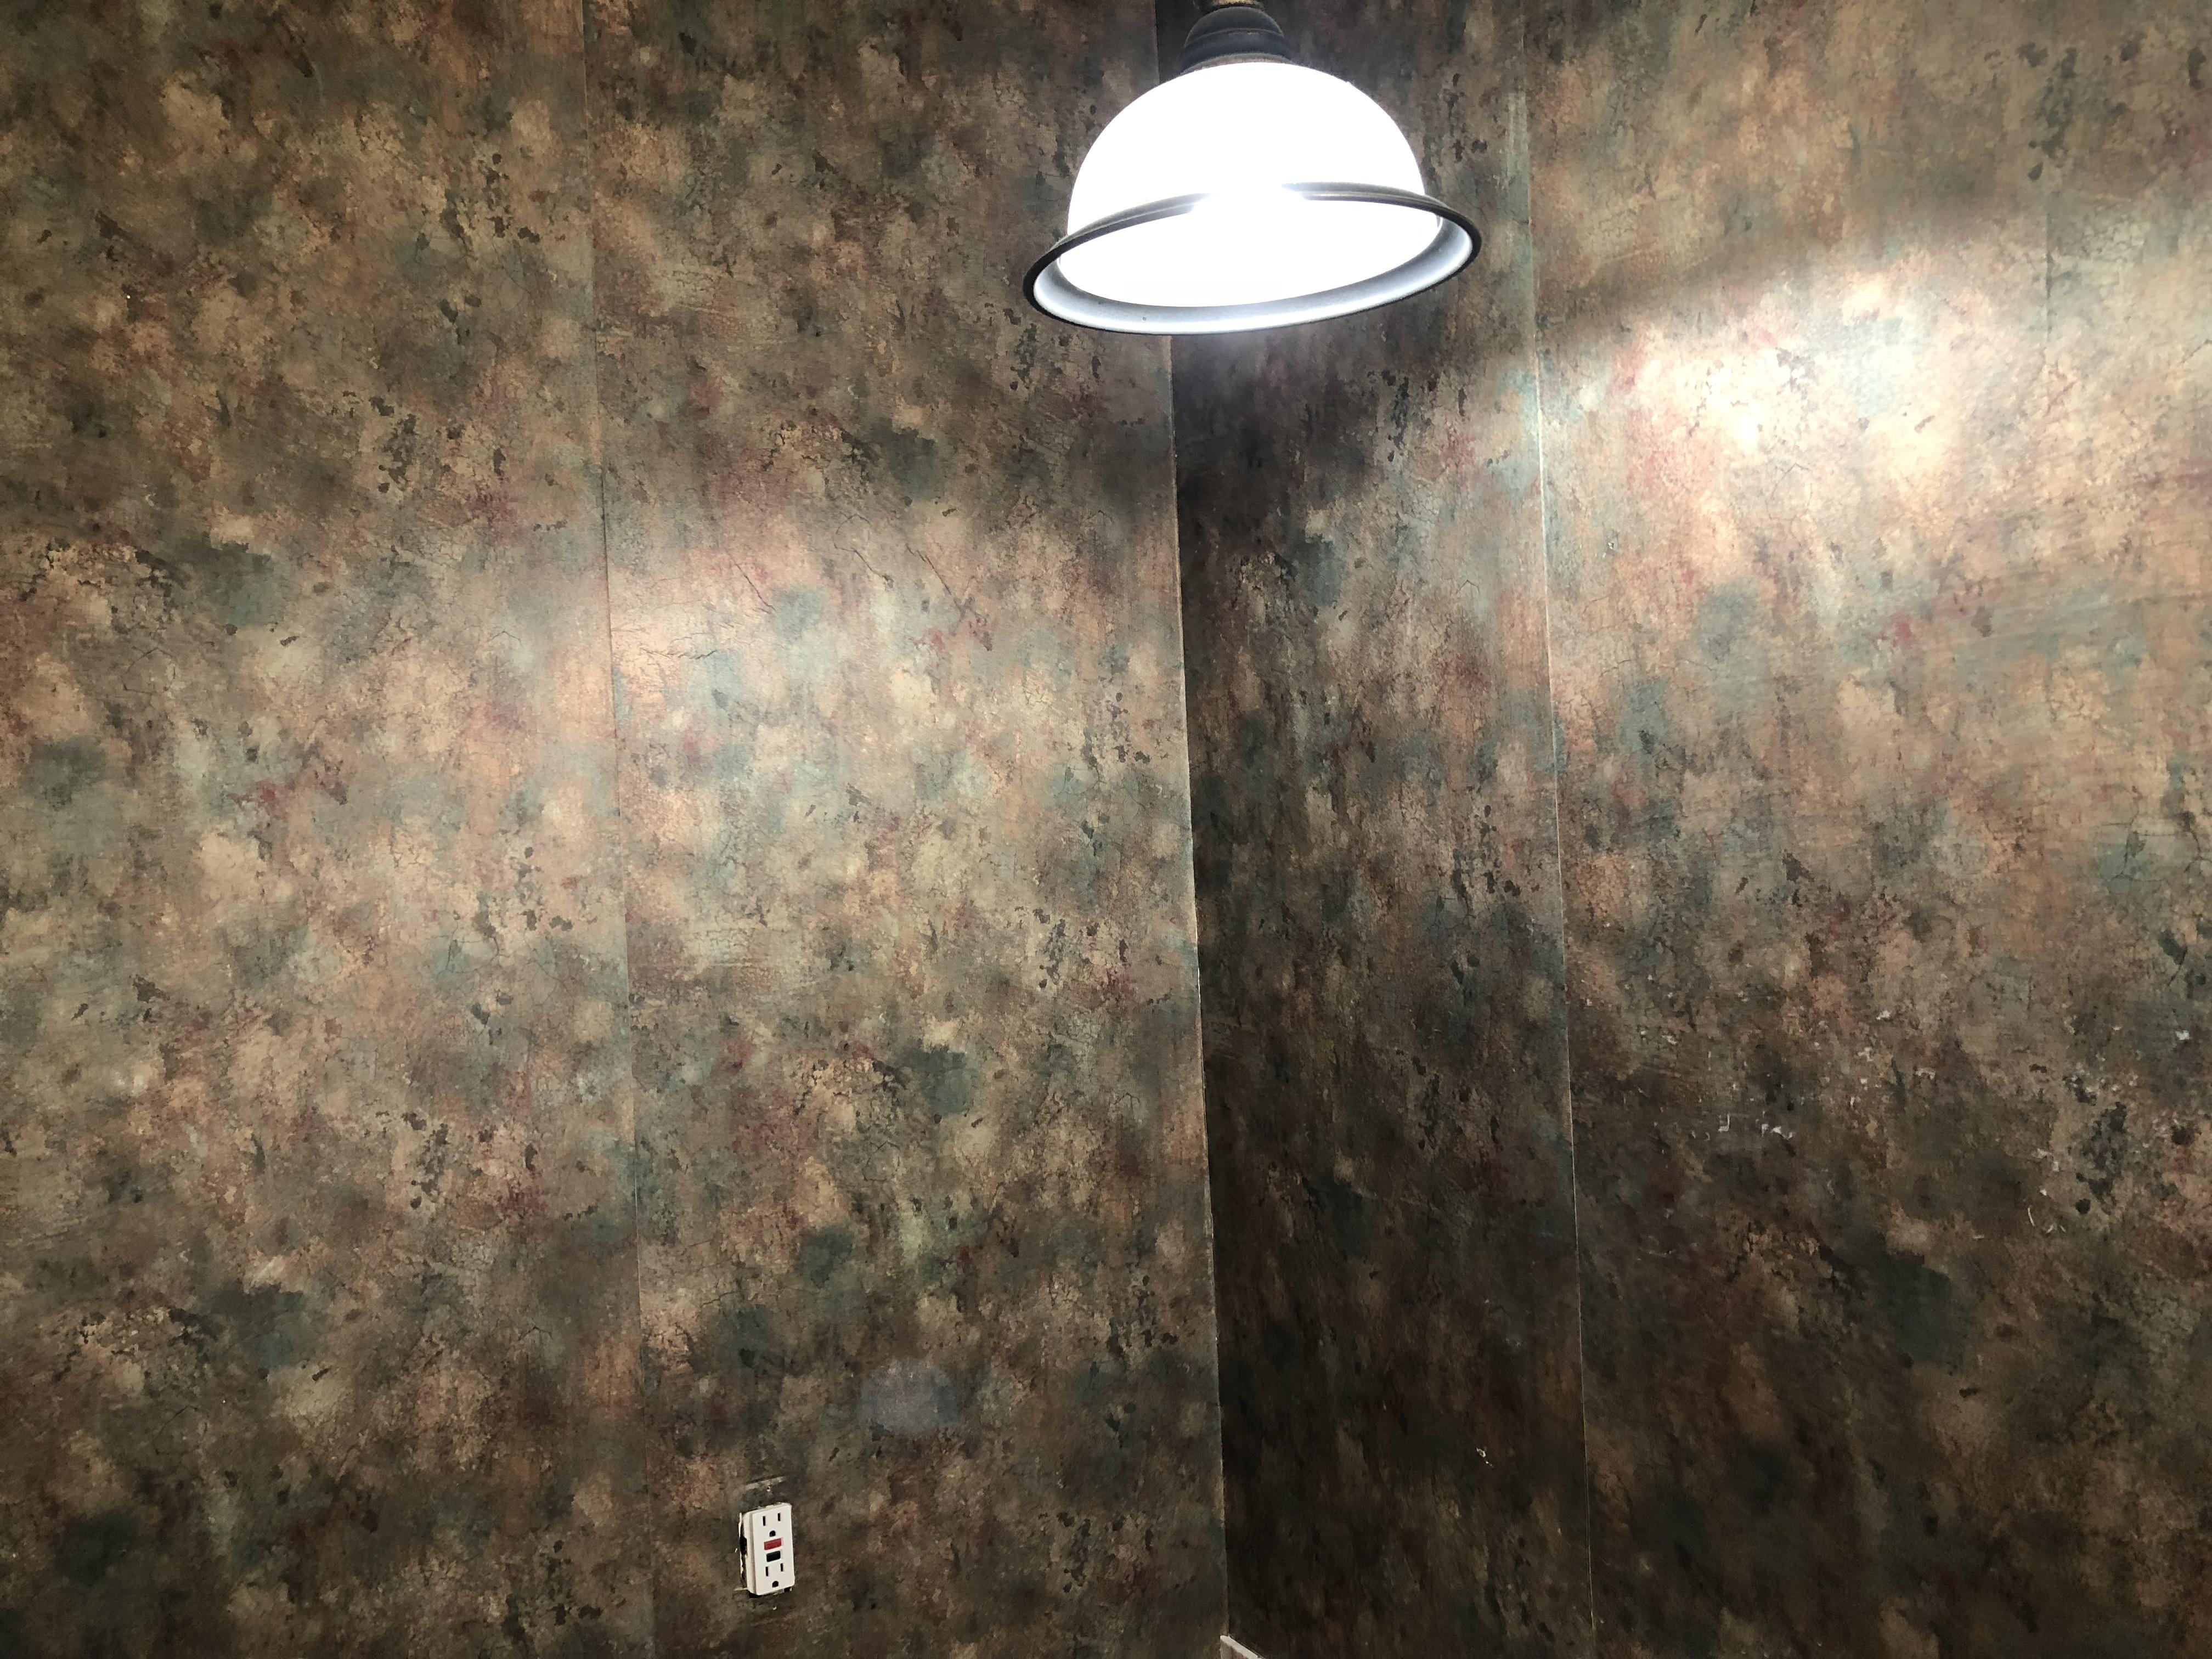 wall mold